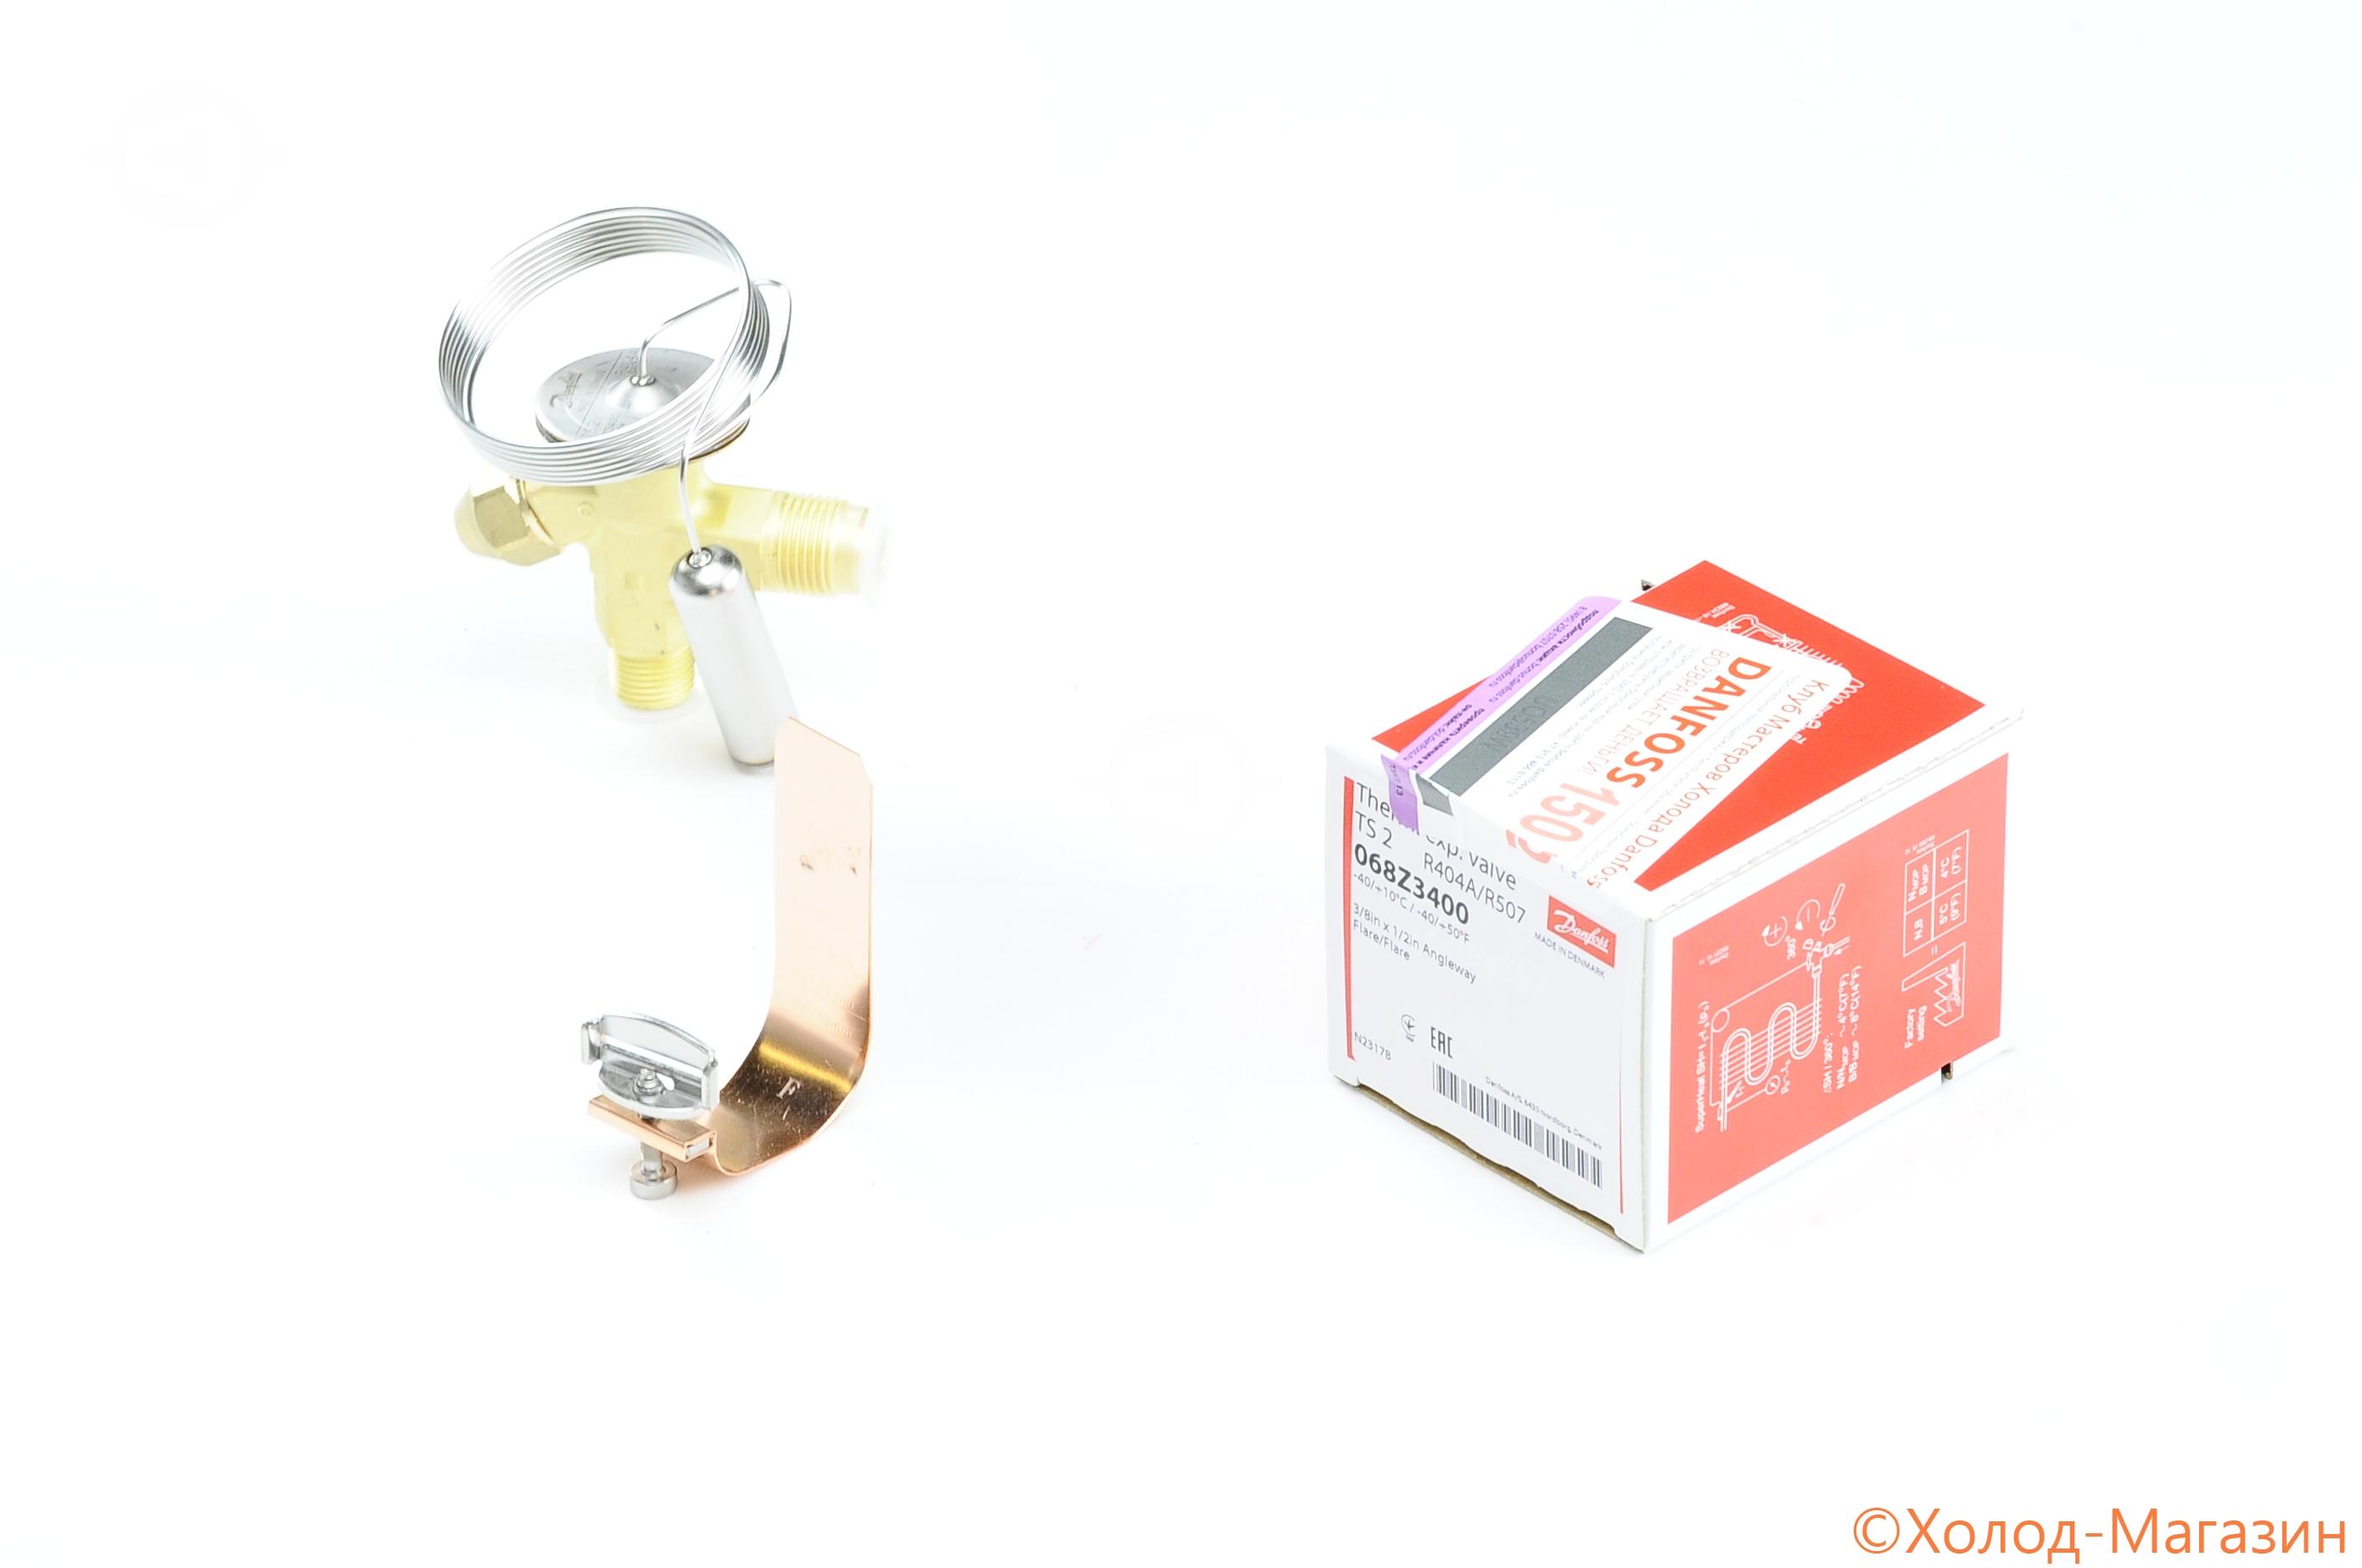 Вентиль терморегулирующий ТРВ TS 2 (R404A, без МДР, -40....+10C), Danfoss